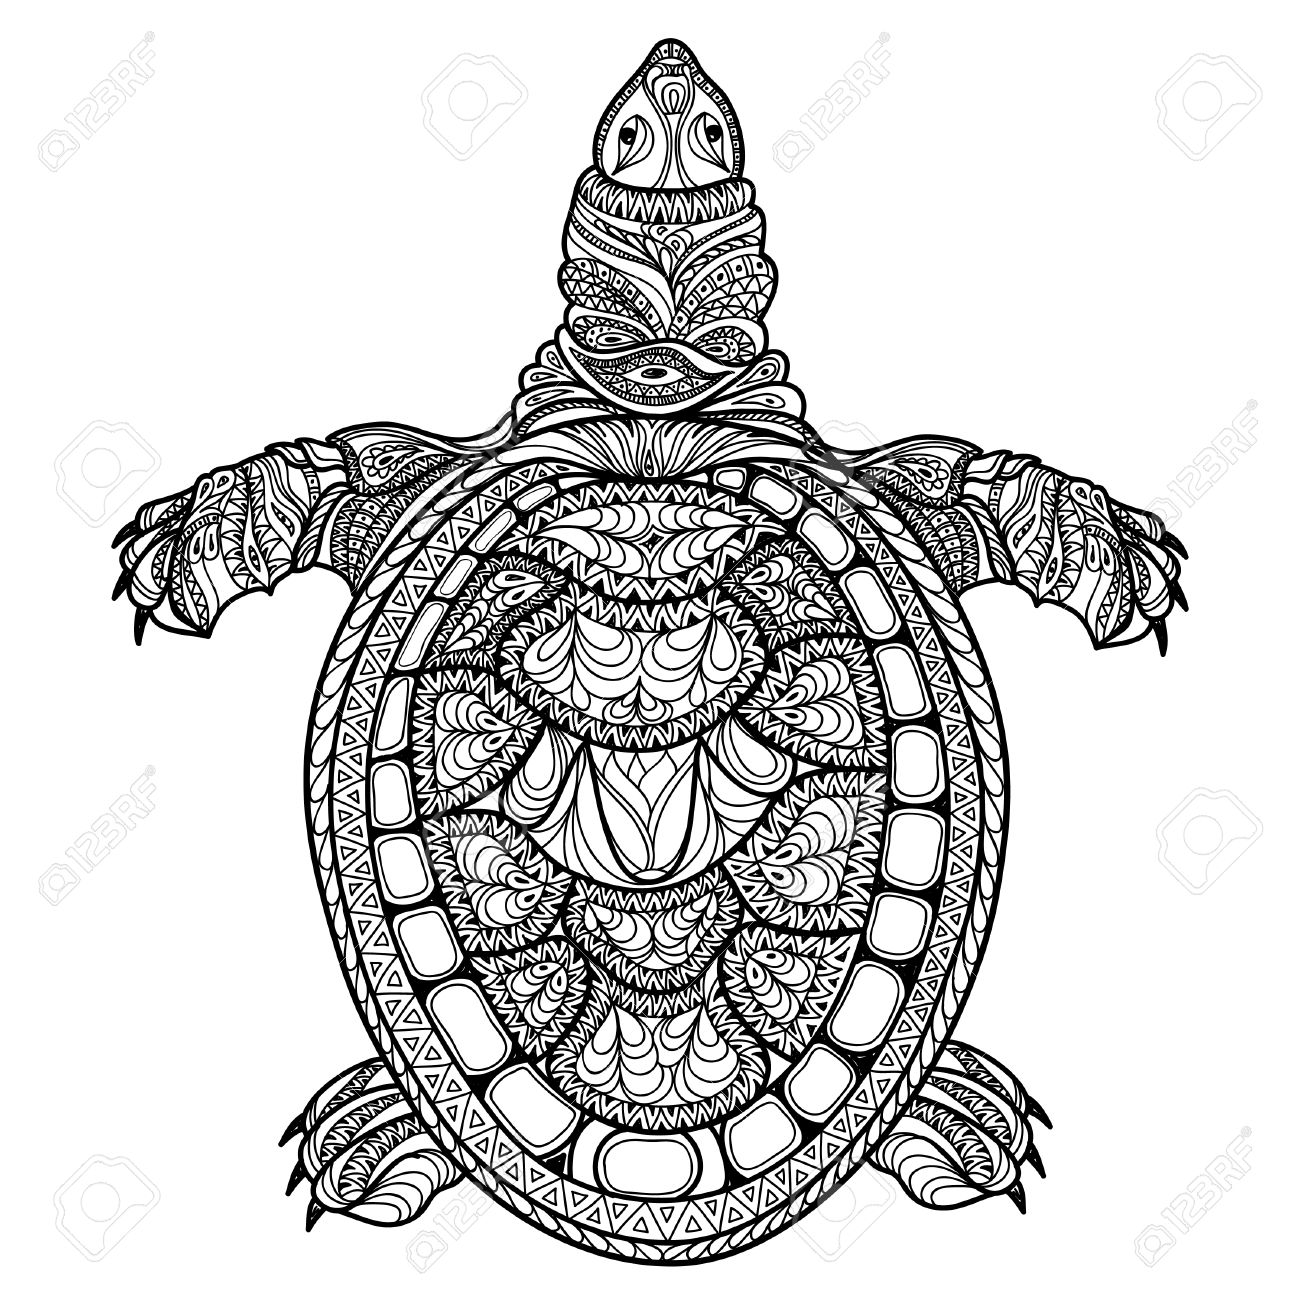 1300x1300 Turtle Isolated. Zentangle Tribal Stylized Turtle. Doodle Vector